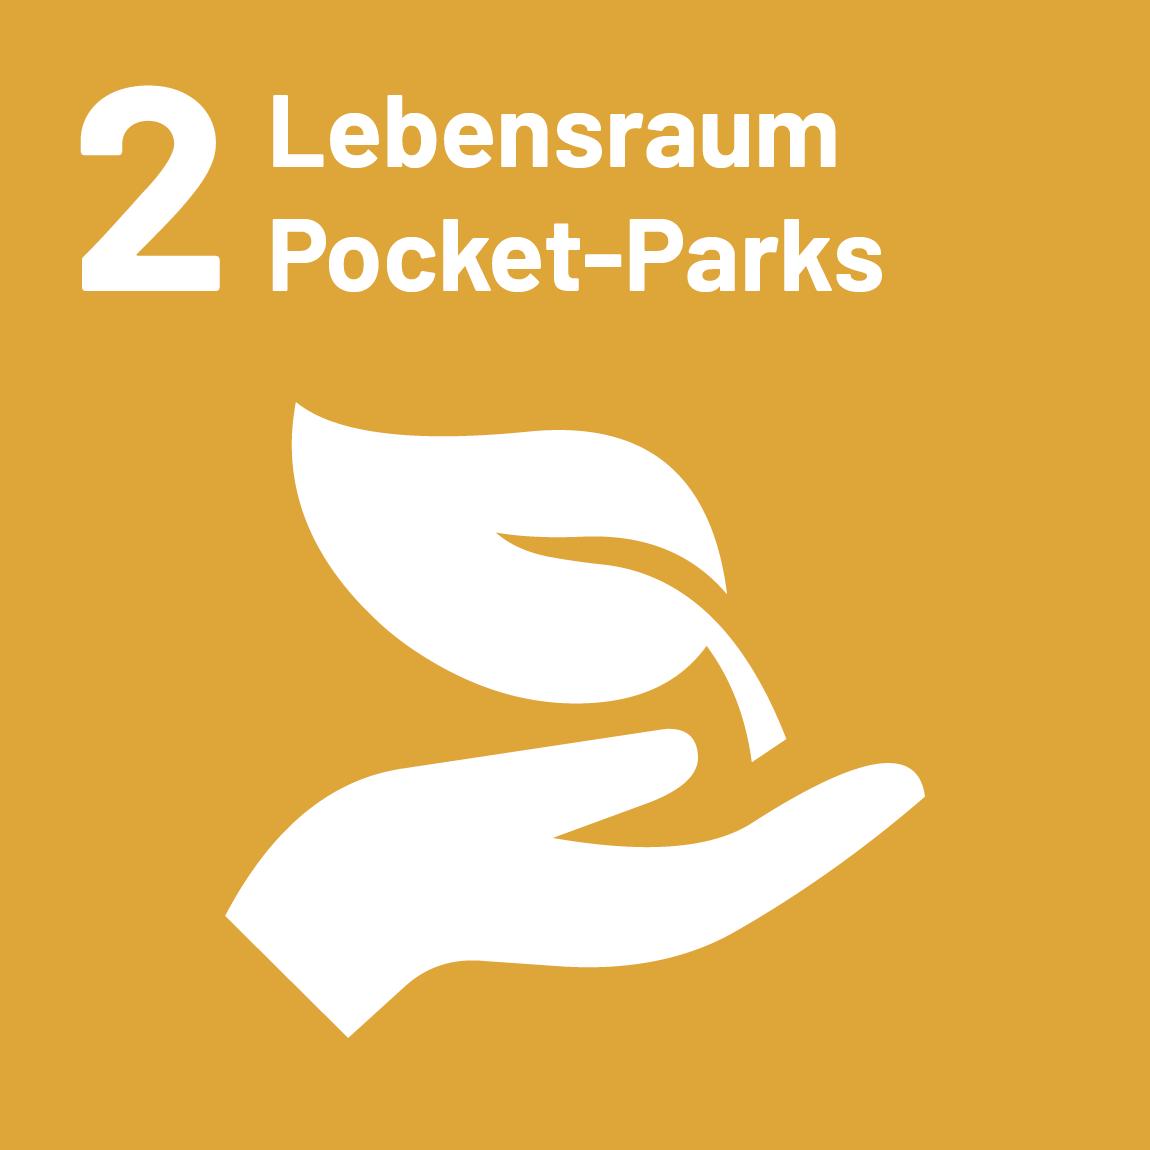 lebensraum-pocket-parks.png